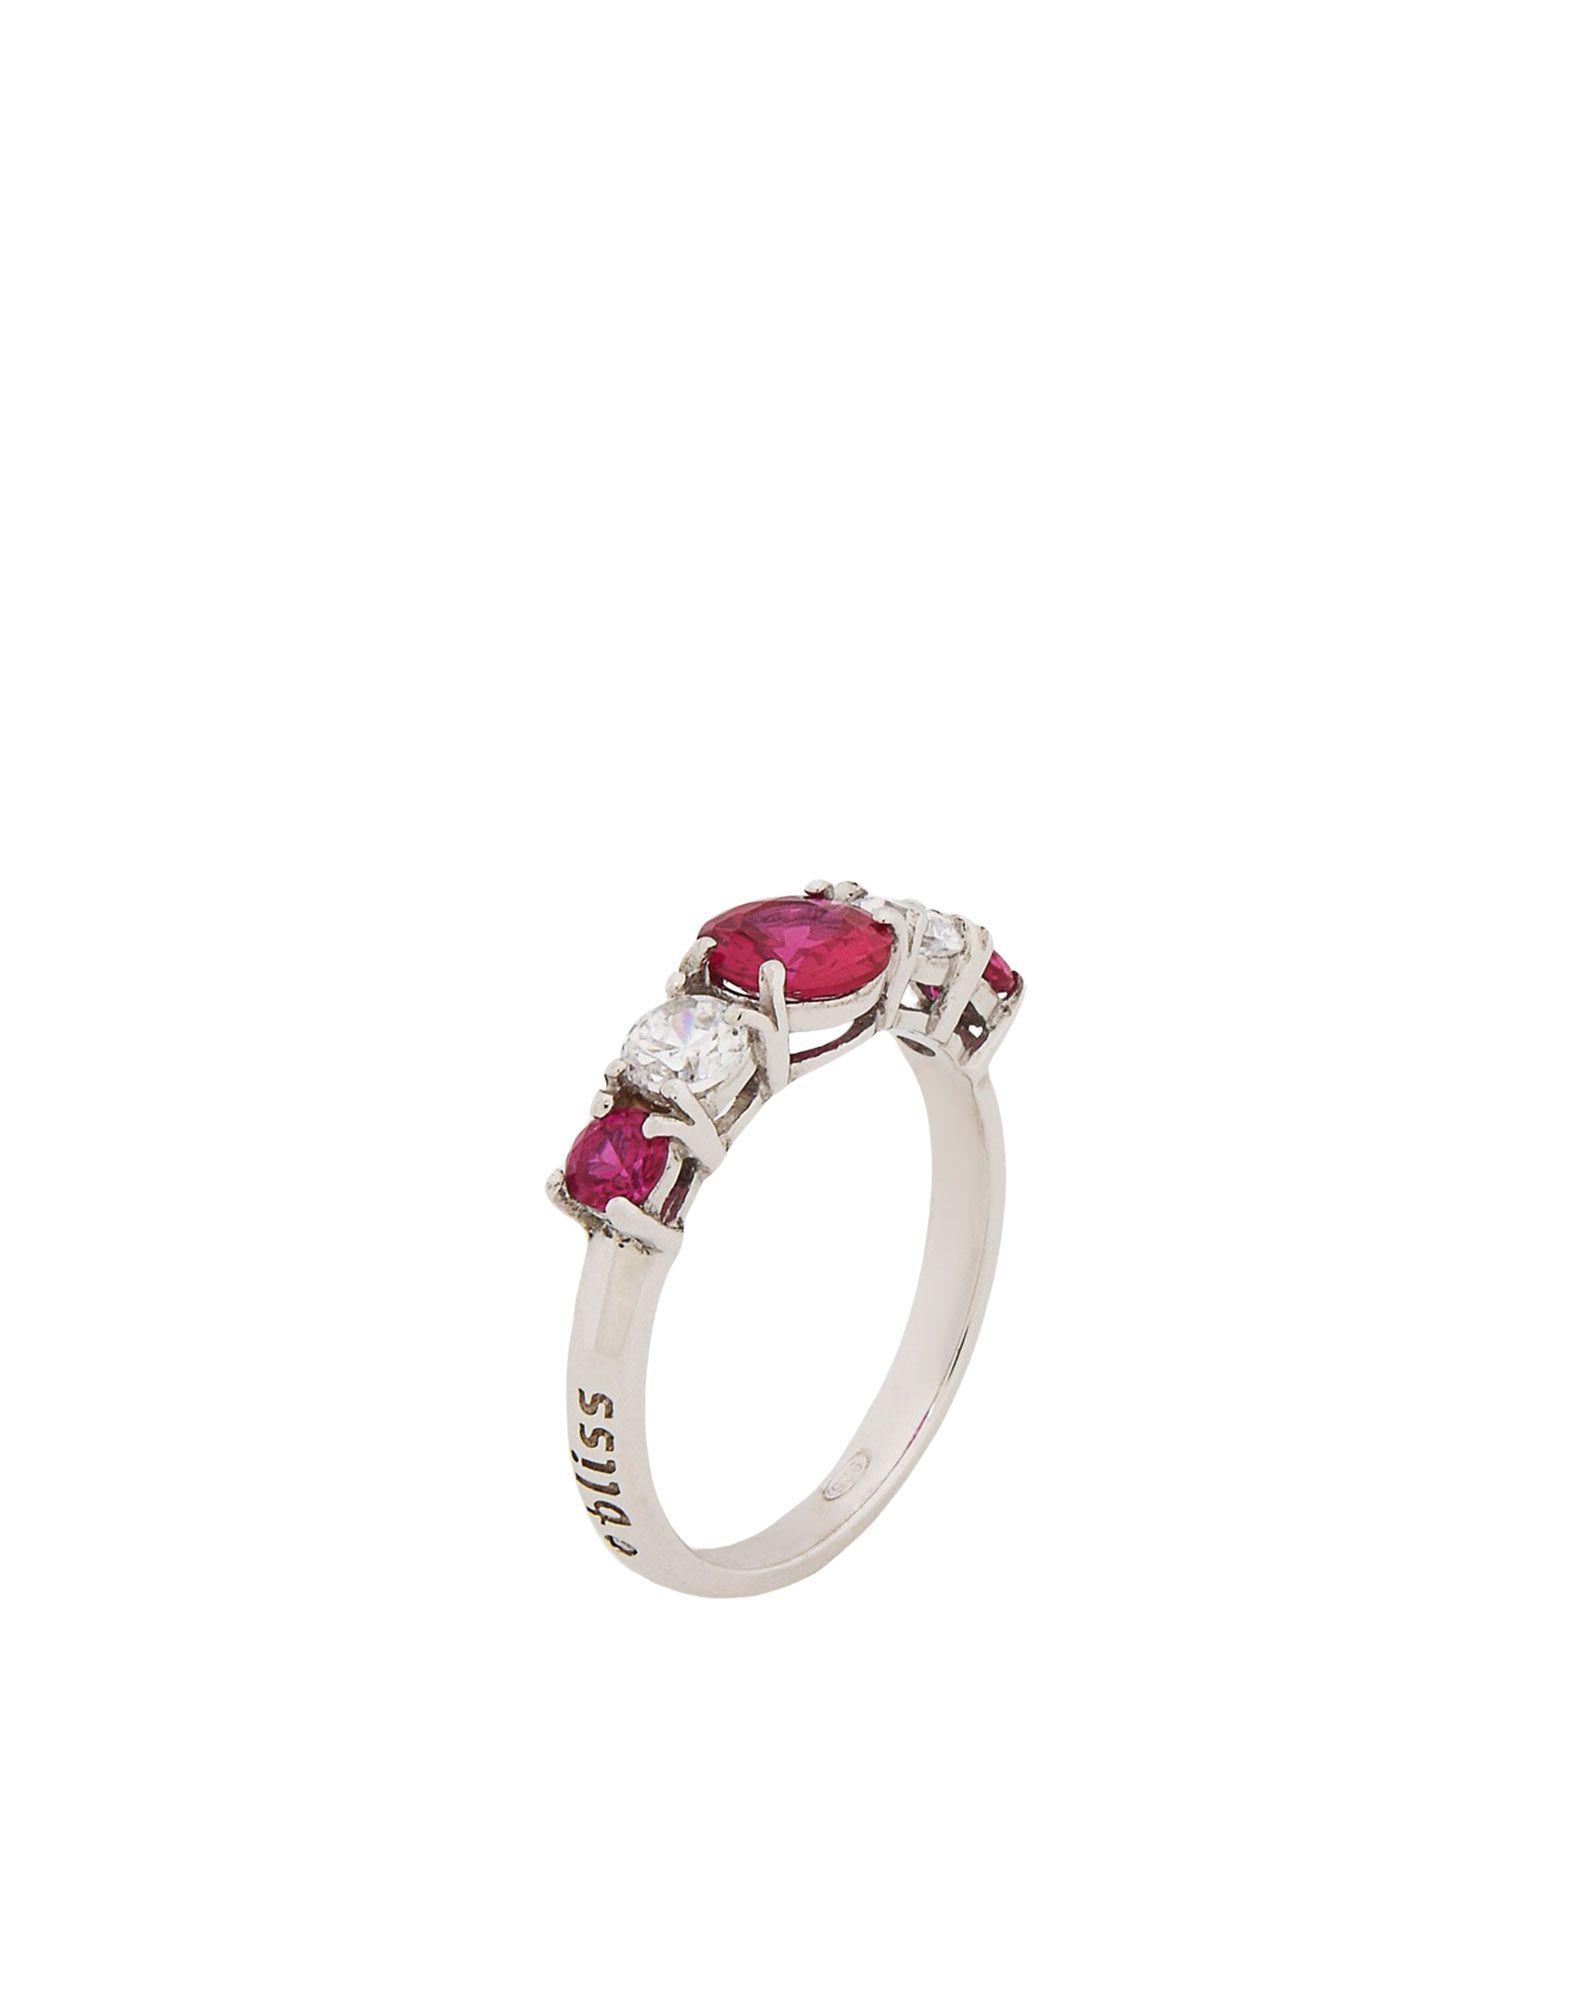 《送料無料》BLISS レディース 指輪 シルバー 16 シルバー925/1000 / キュービックジルコニア